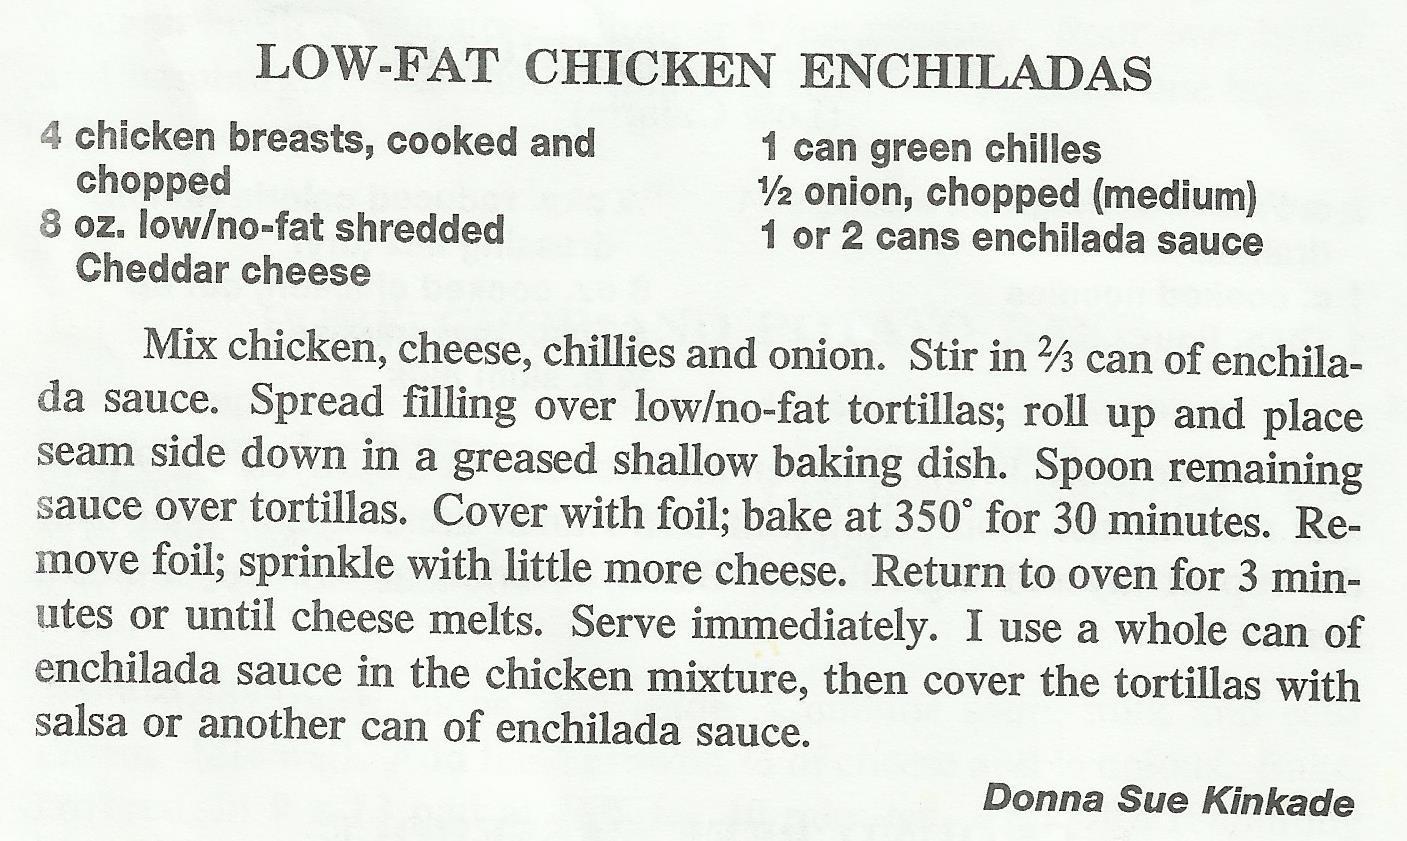 Low-Fat Chicken Enchiladas